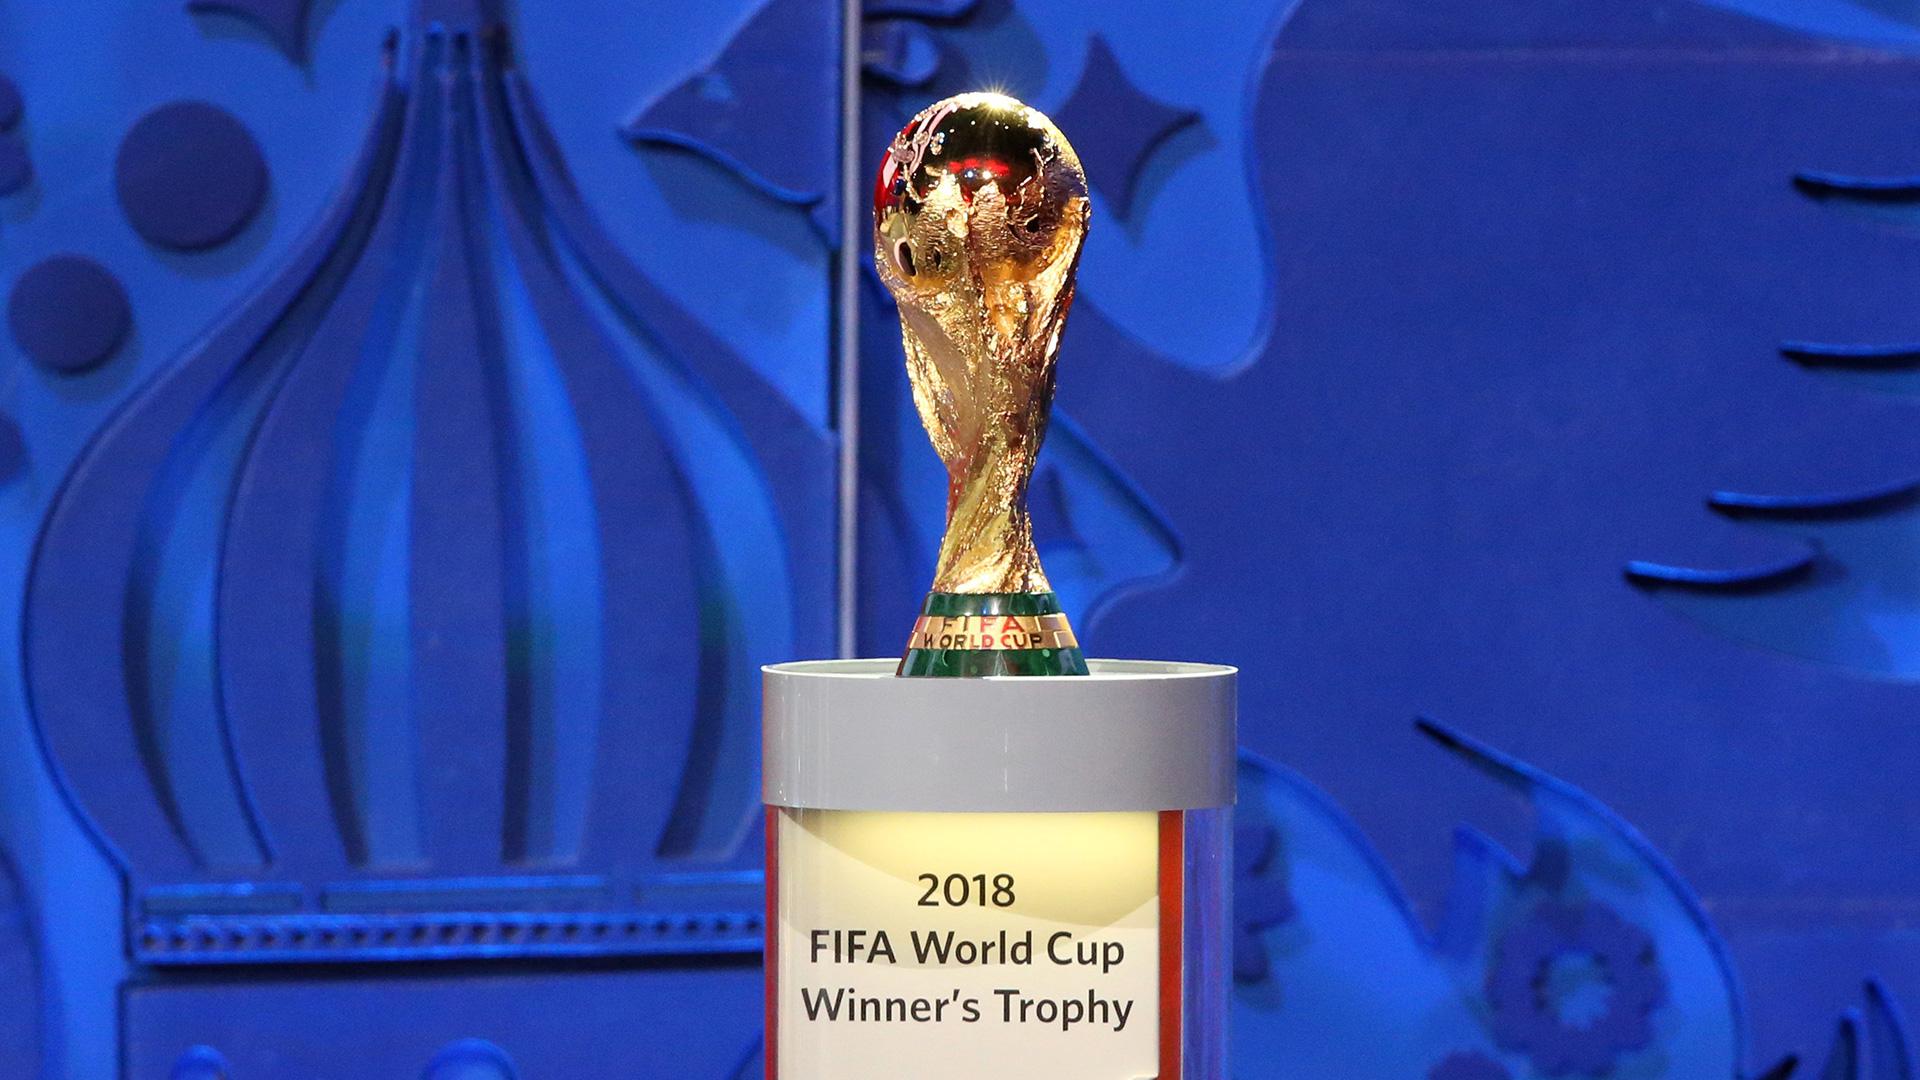 España quiere la Eurocopa 2028 o el Mundial 2030